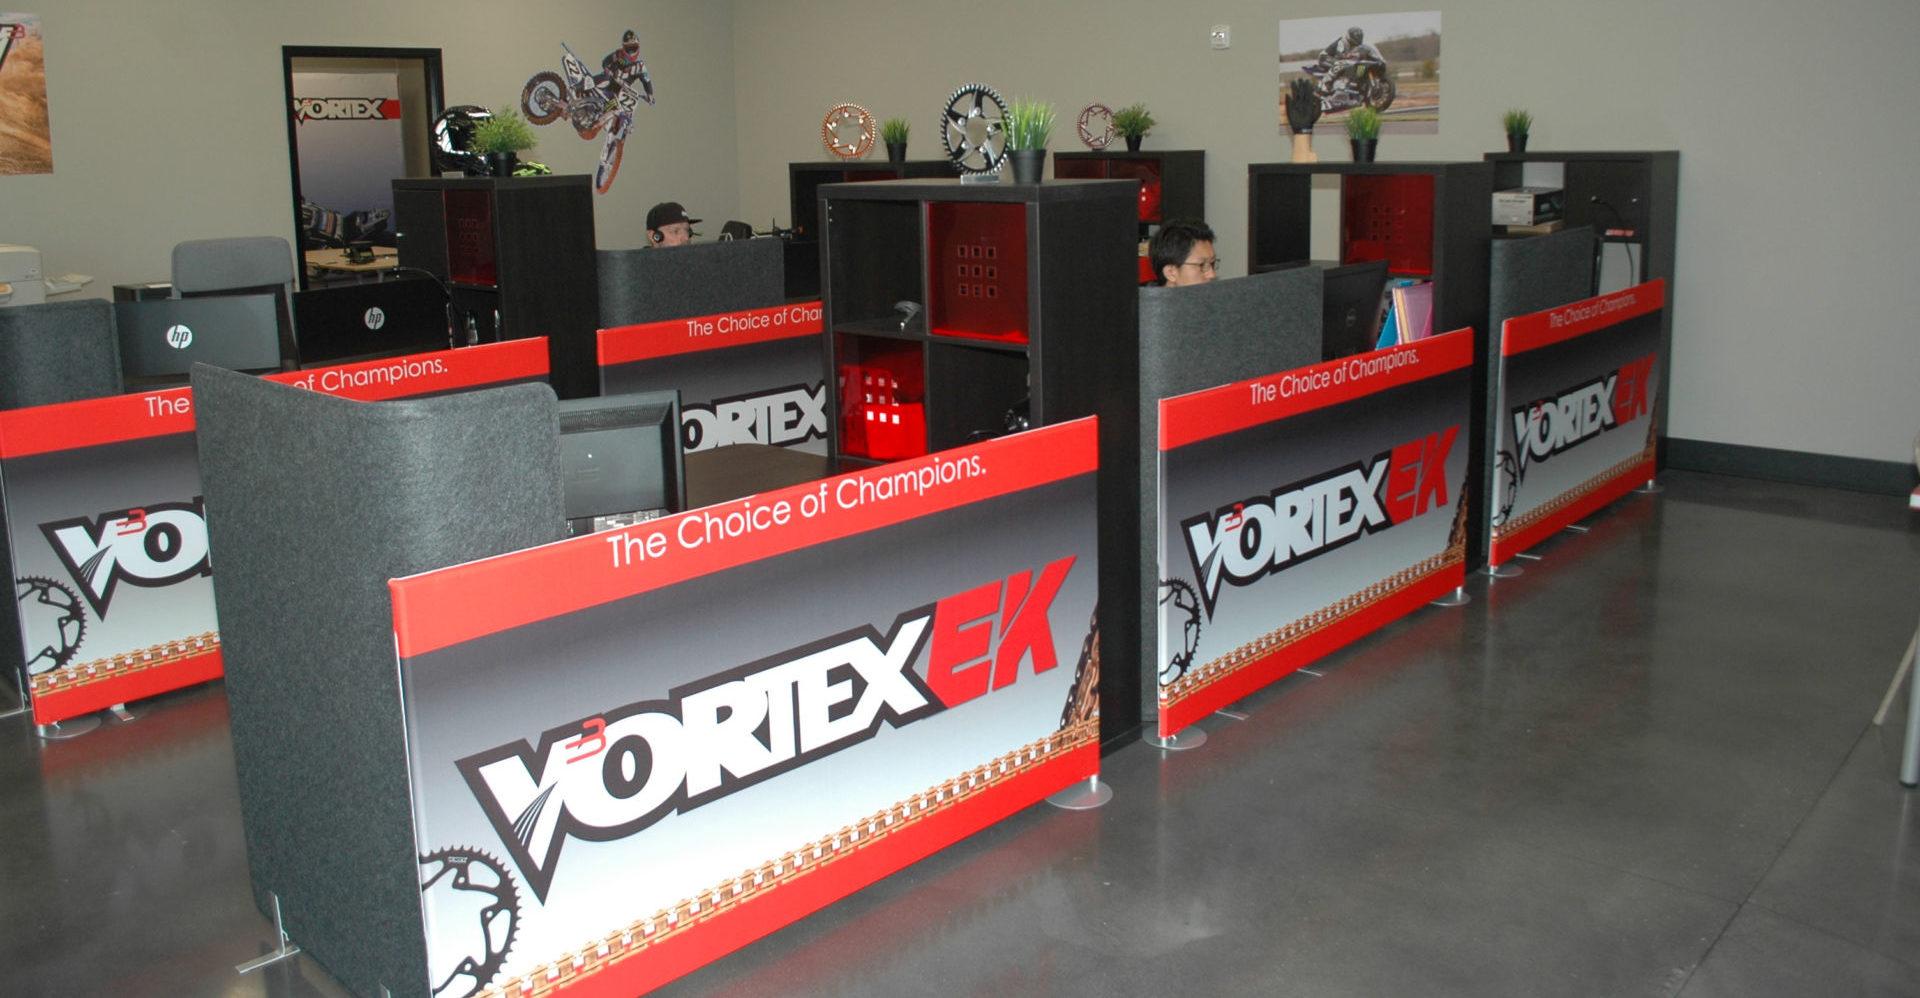 Vortex-EK North America headquarters in Salt Lake City, Utah. Photo by David Swarts.